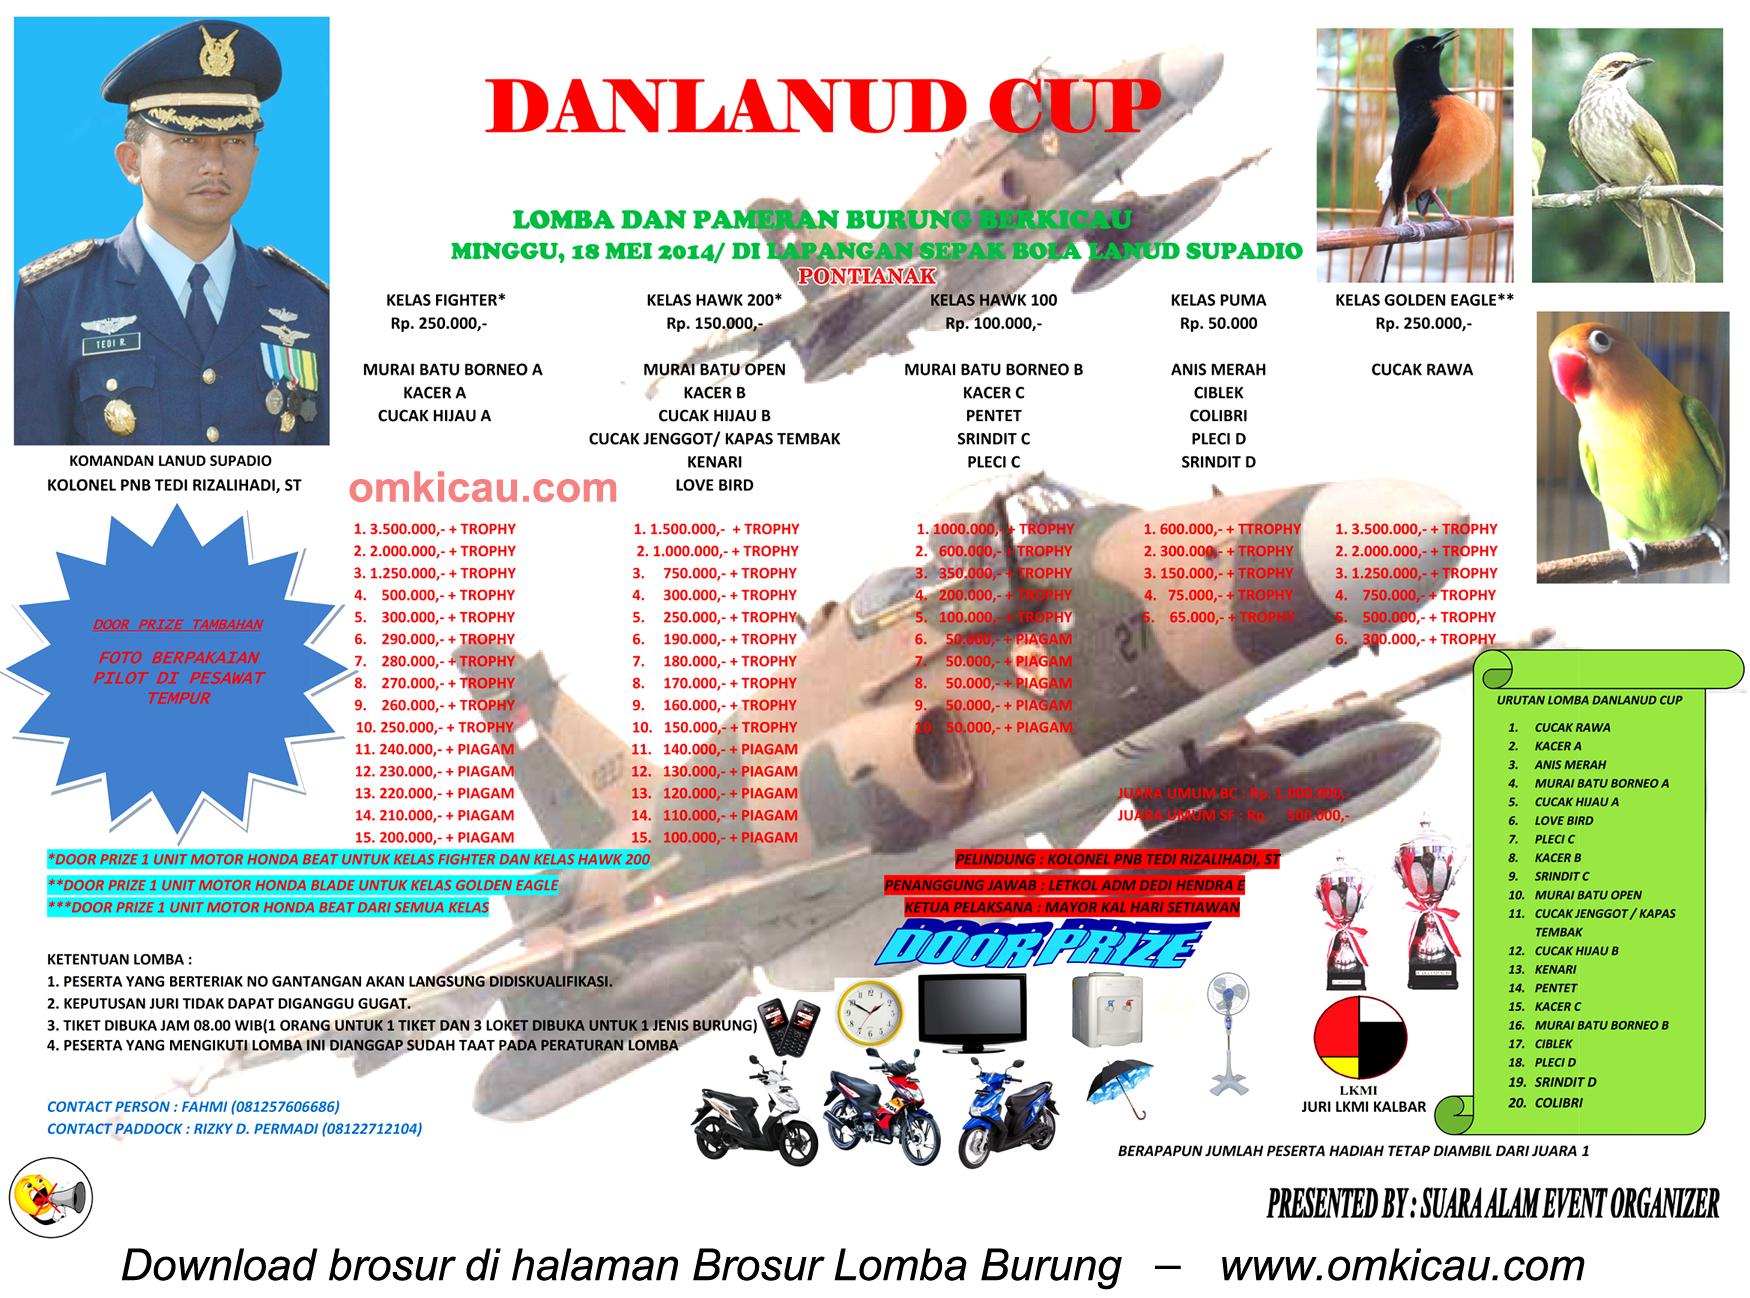 Brosur Lomba Burung Berkicau Danlanud Cup, Pontianak, 18 Mei 2014